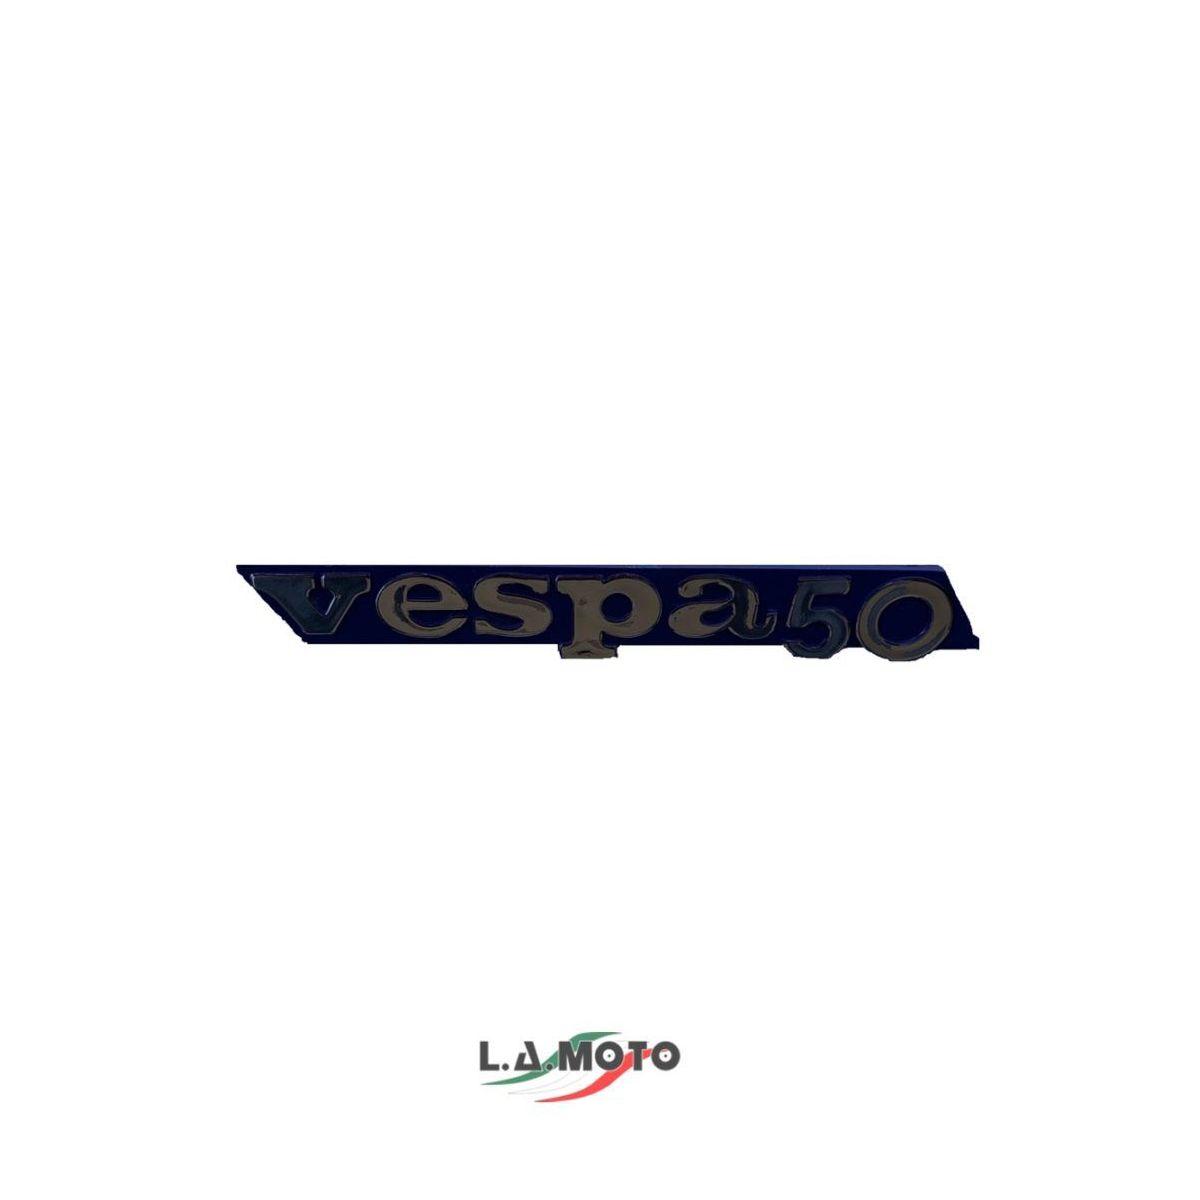 Emblema scritta targhetta laterale in plastica per vespa 50 fl fl2 hp R.O. 259393